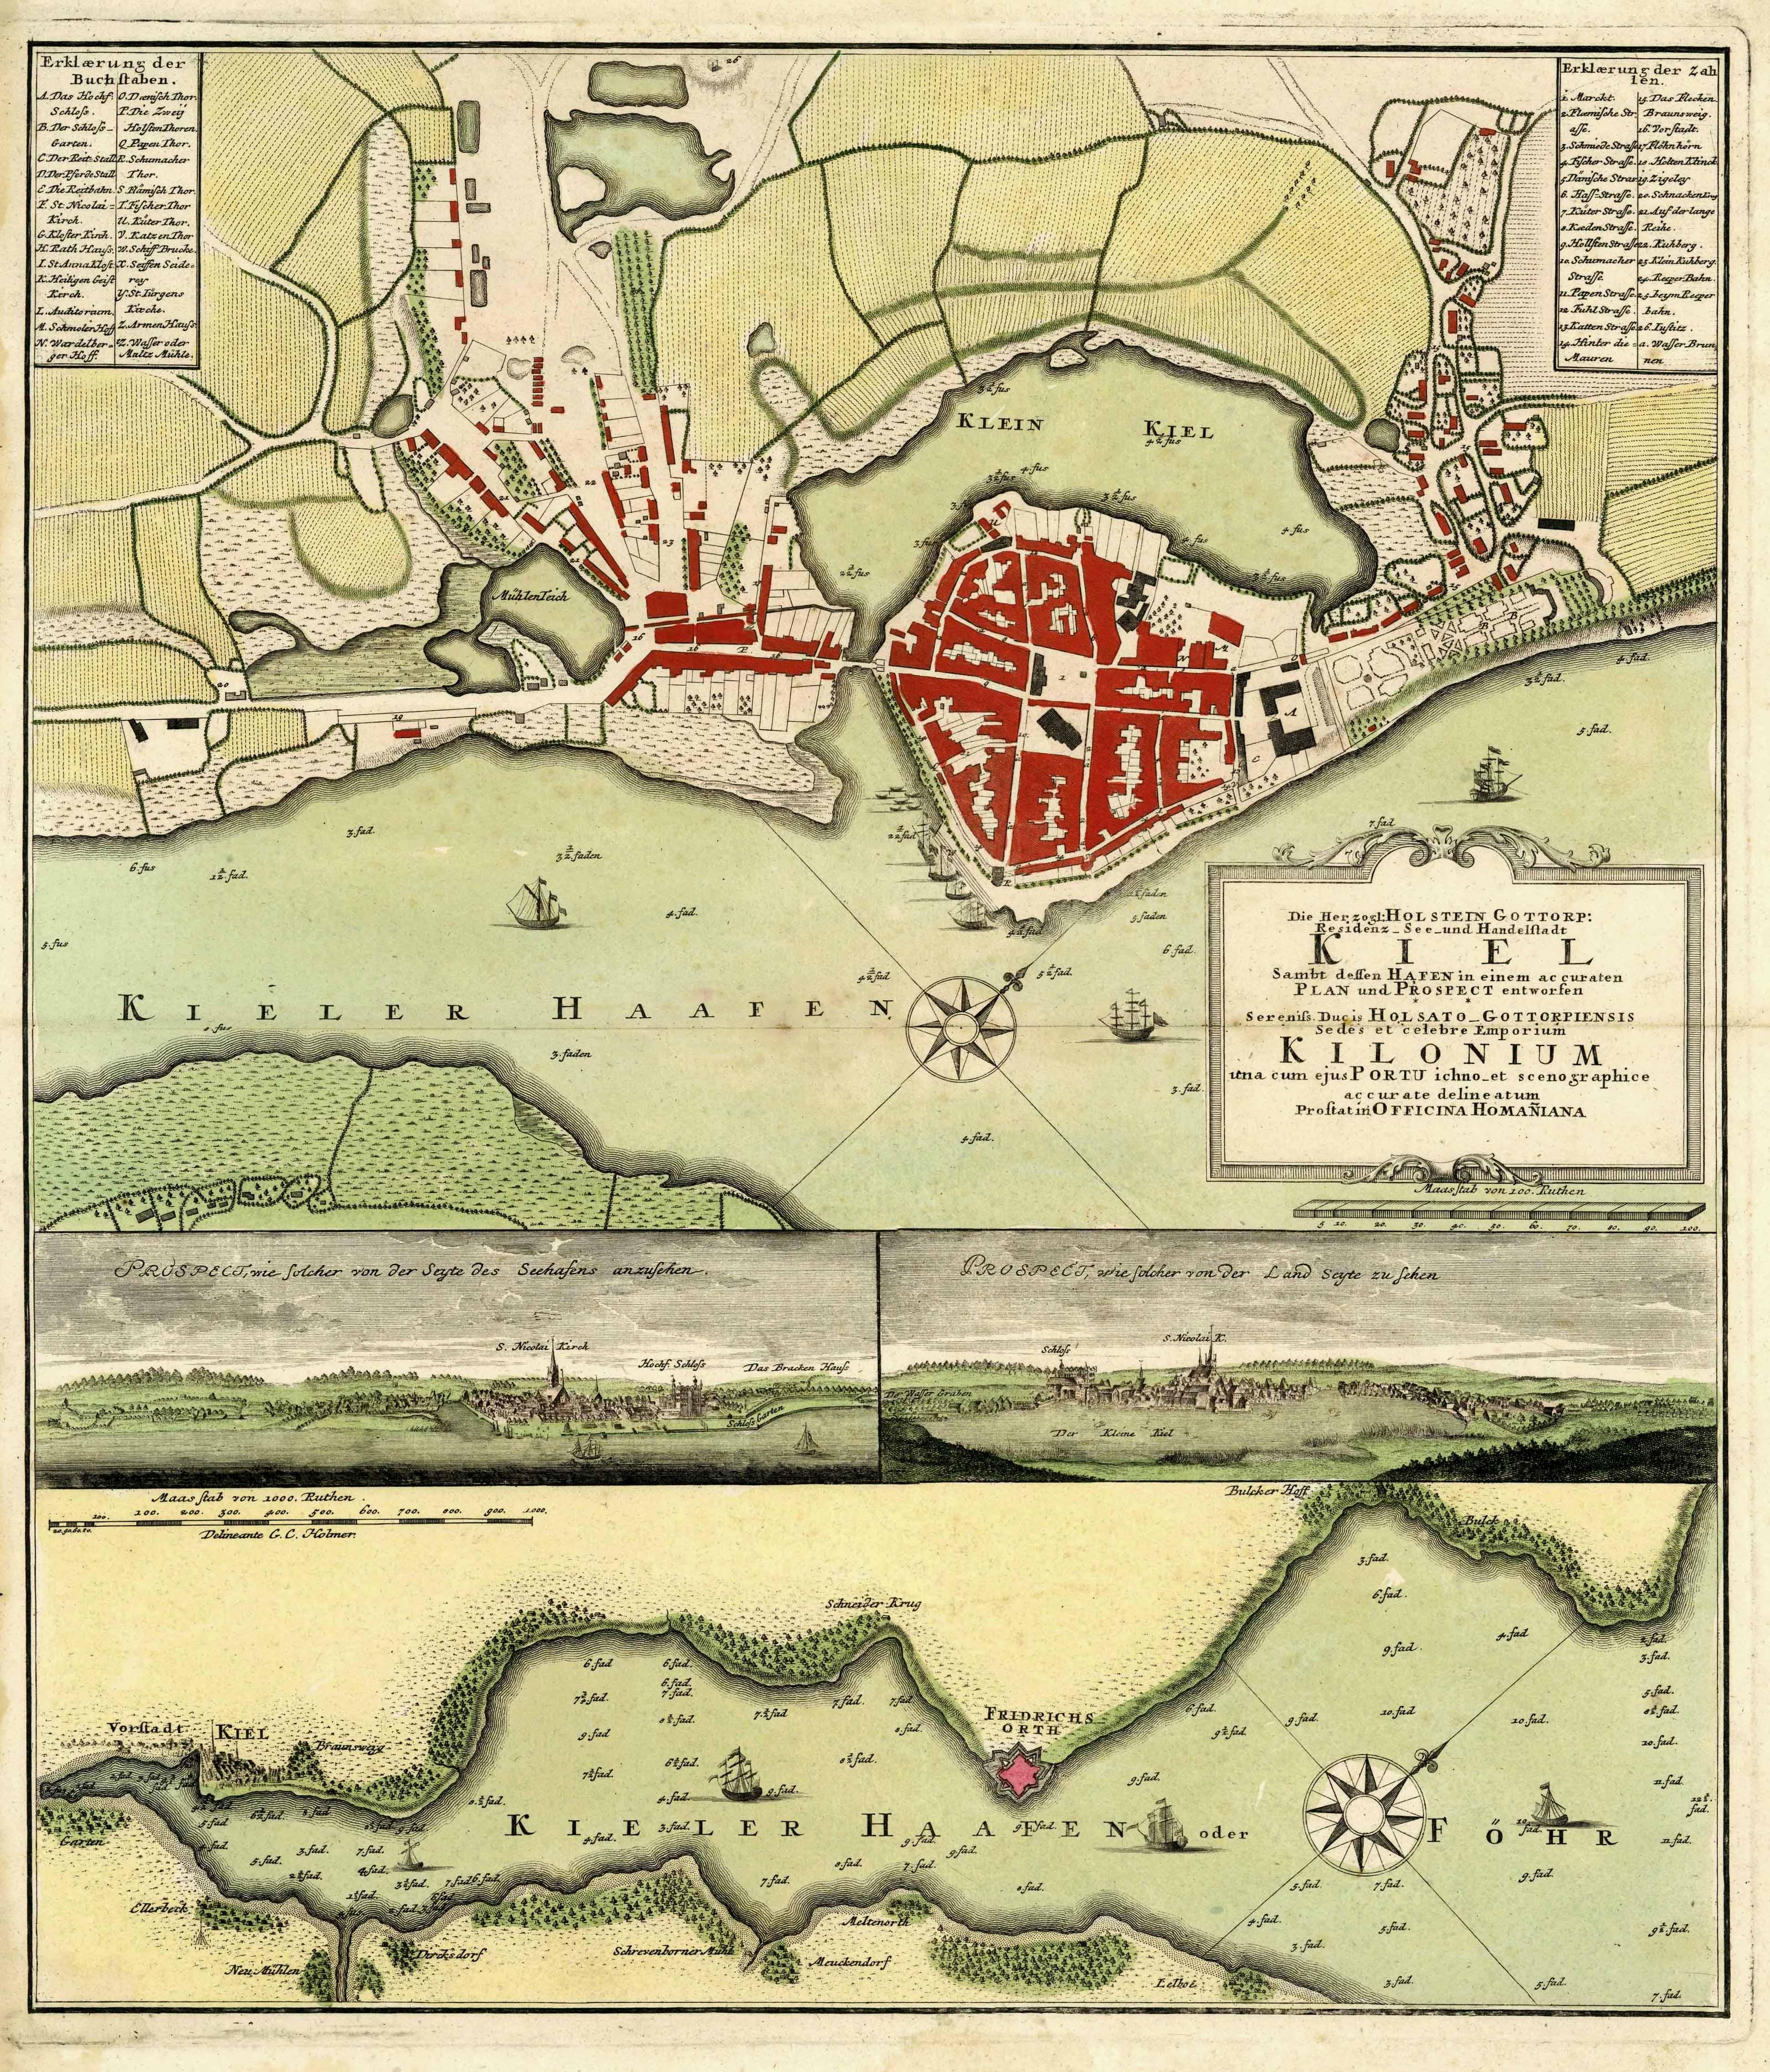 Kieler Bucht Karte.Vialibri Stadtplan Gesamtansichten Und Karte Der Kieler Förde